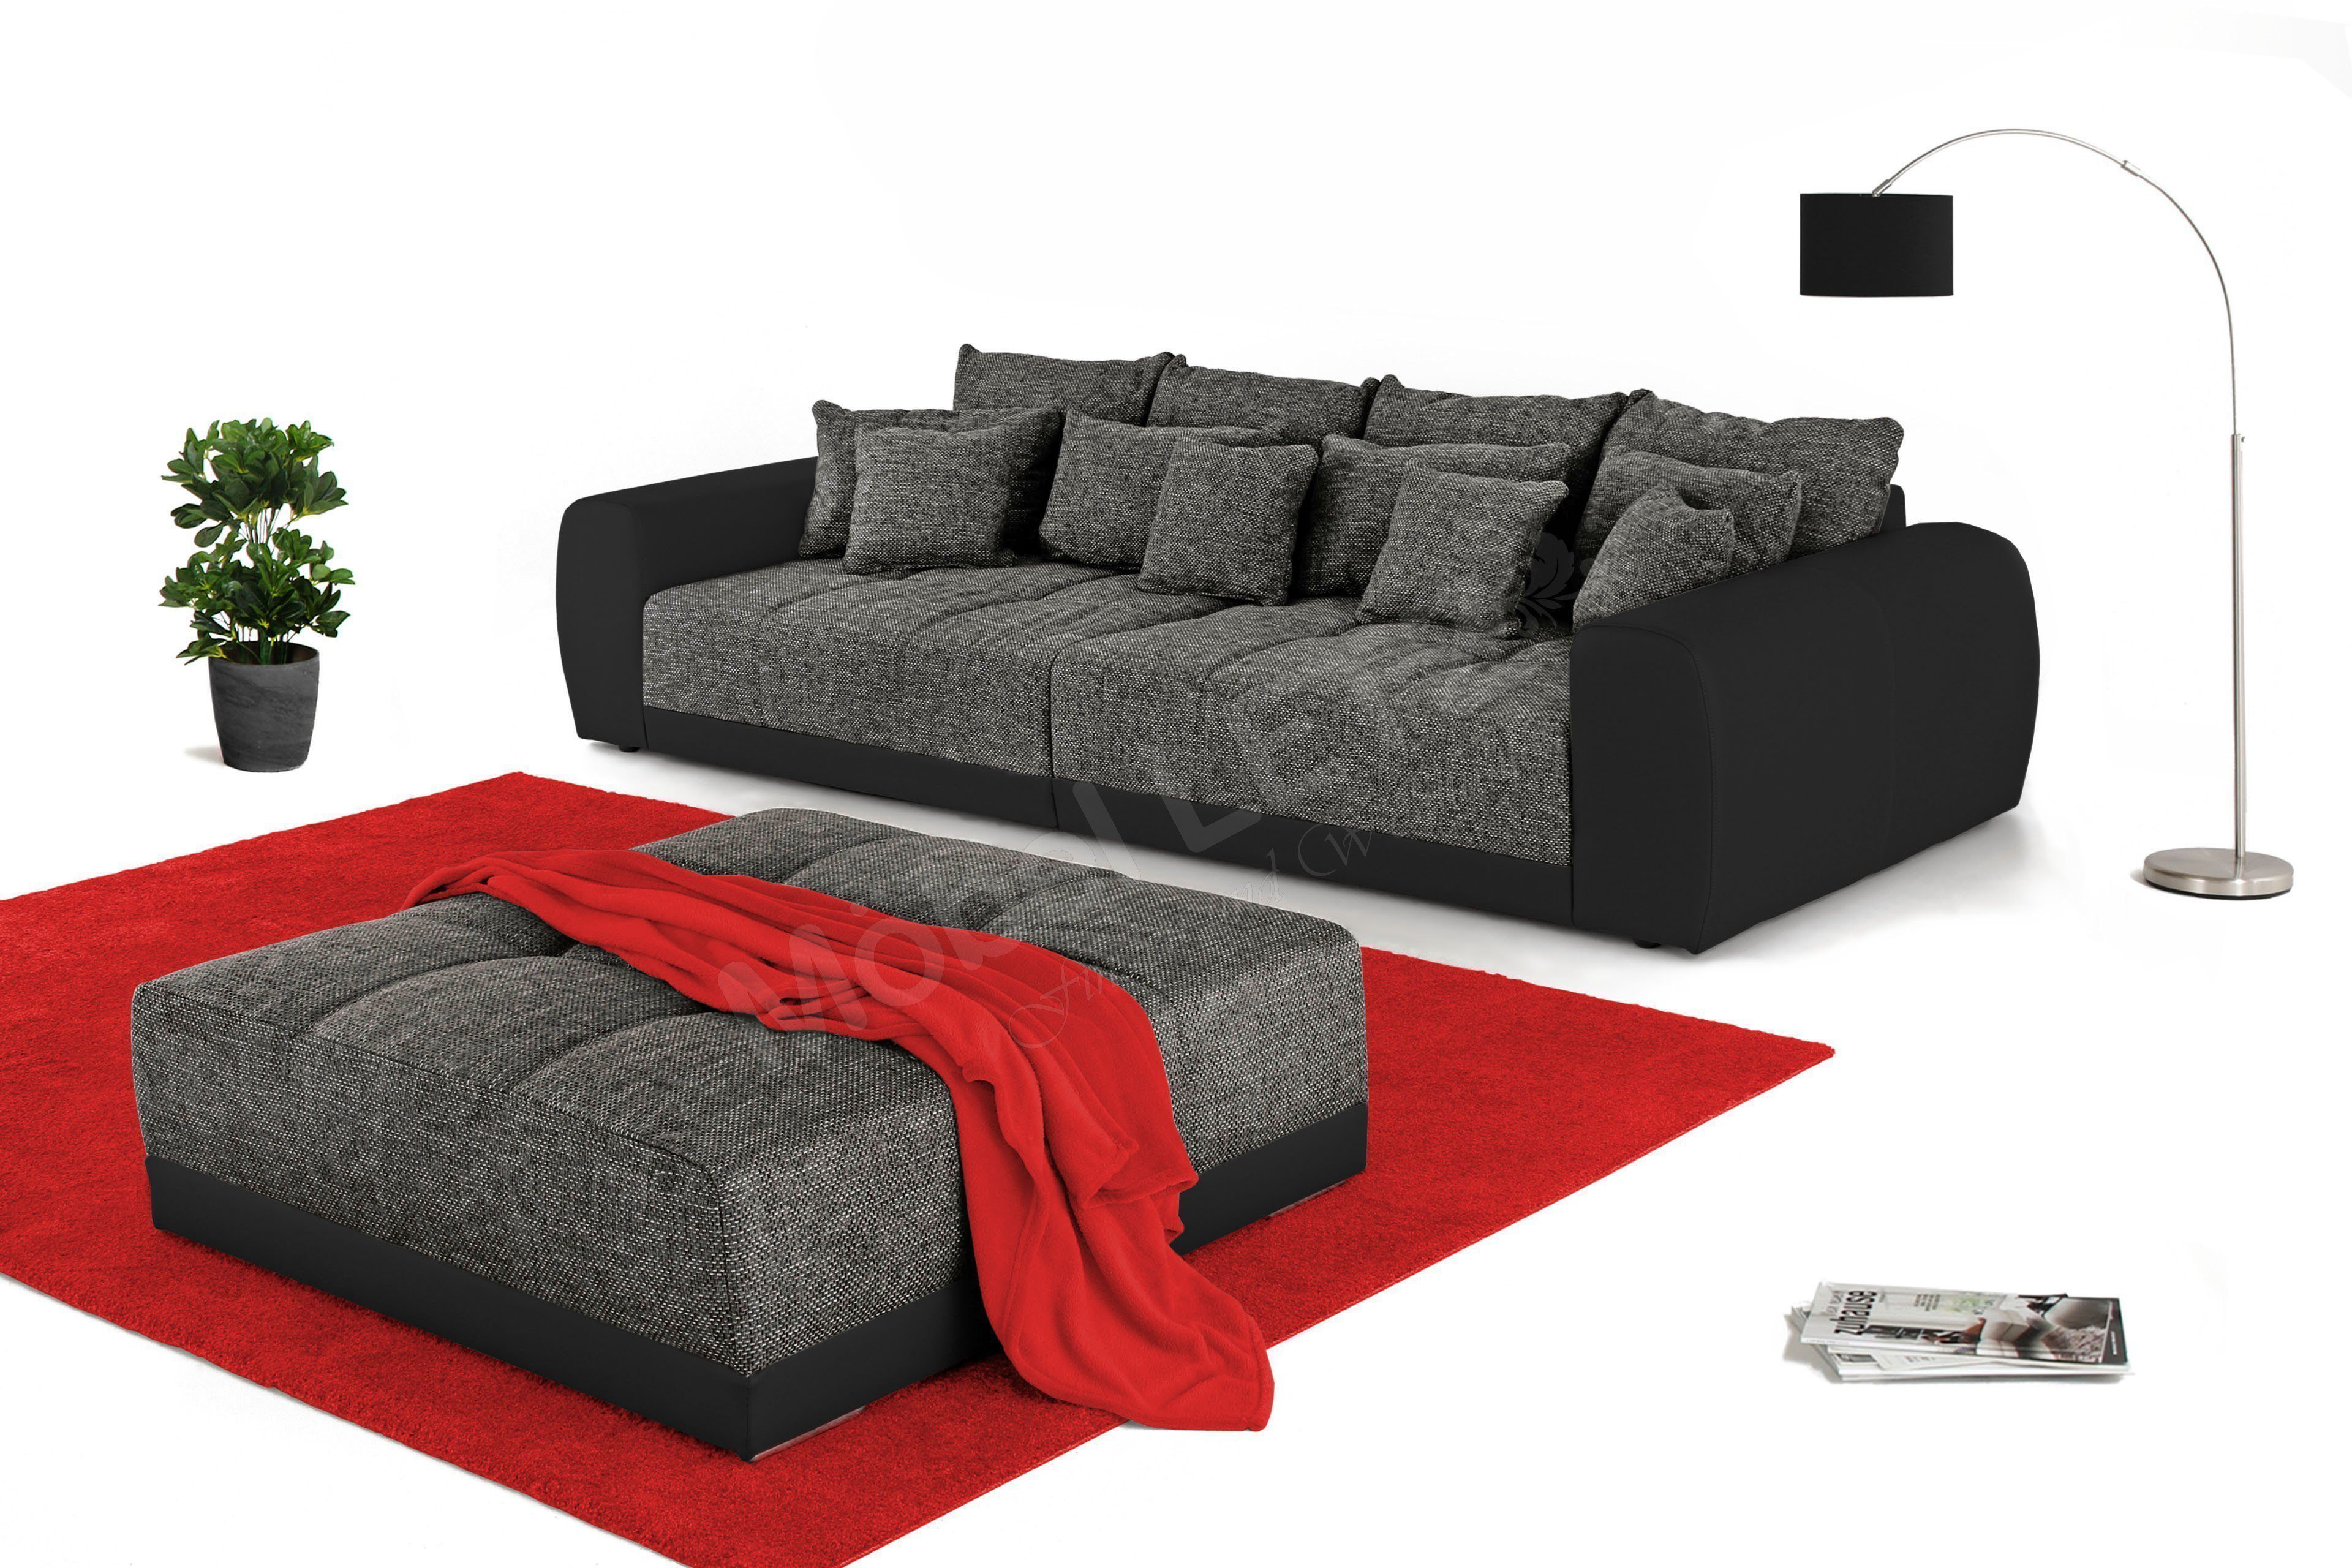 Jockenhöfer Mega Sofa Samy In Grau Schwarz Möbel Letz Ihr Online